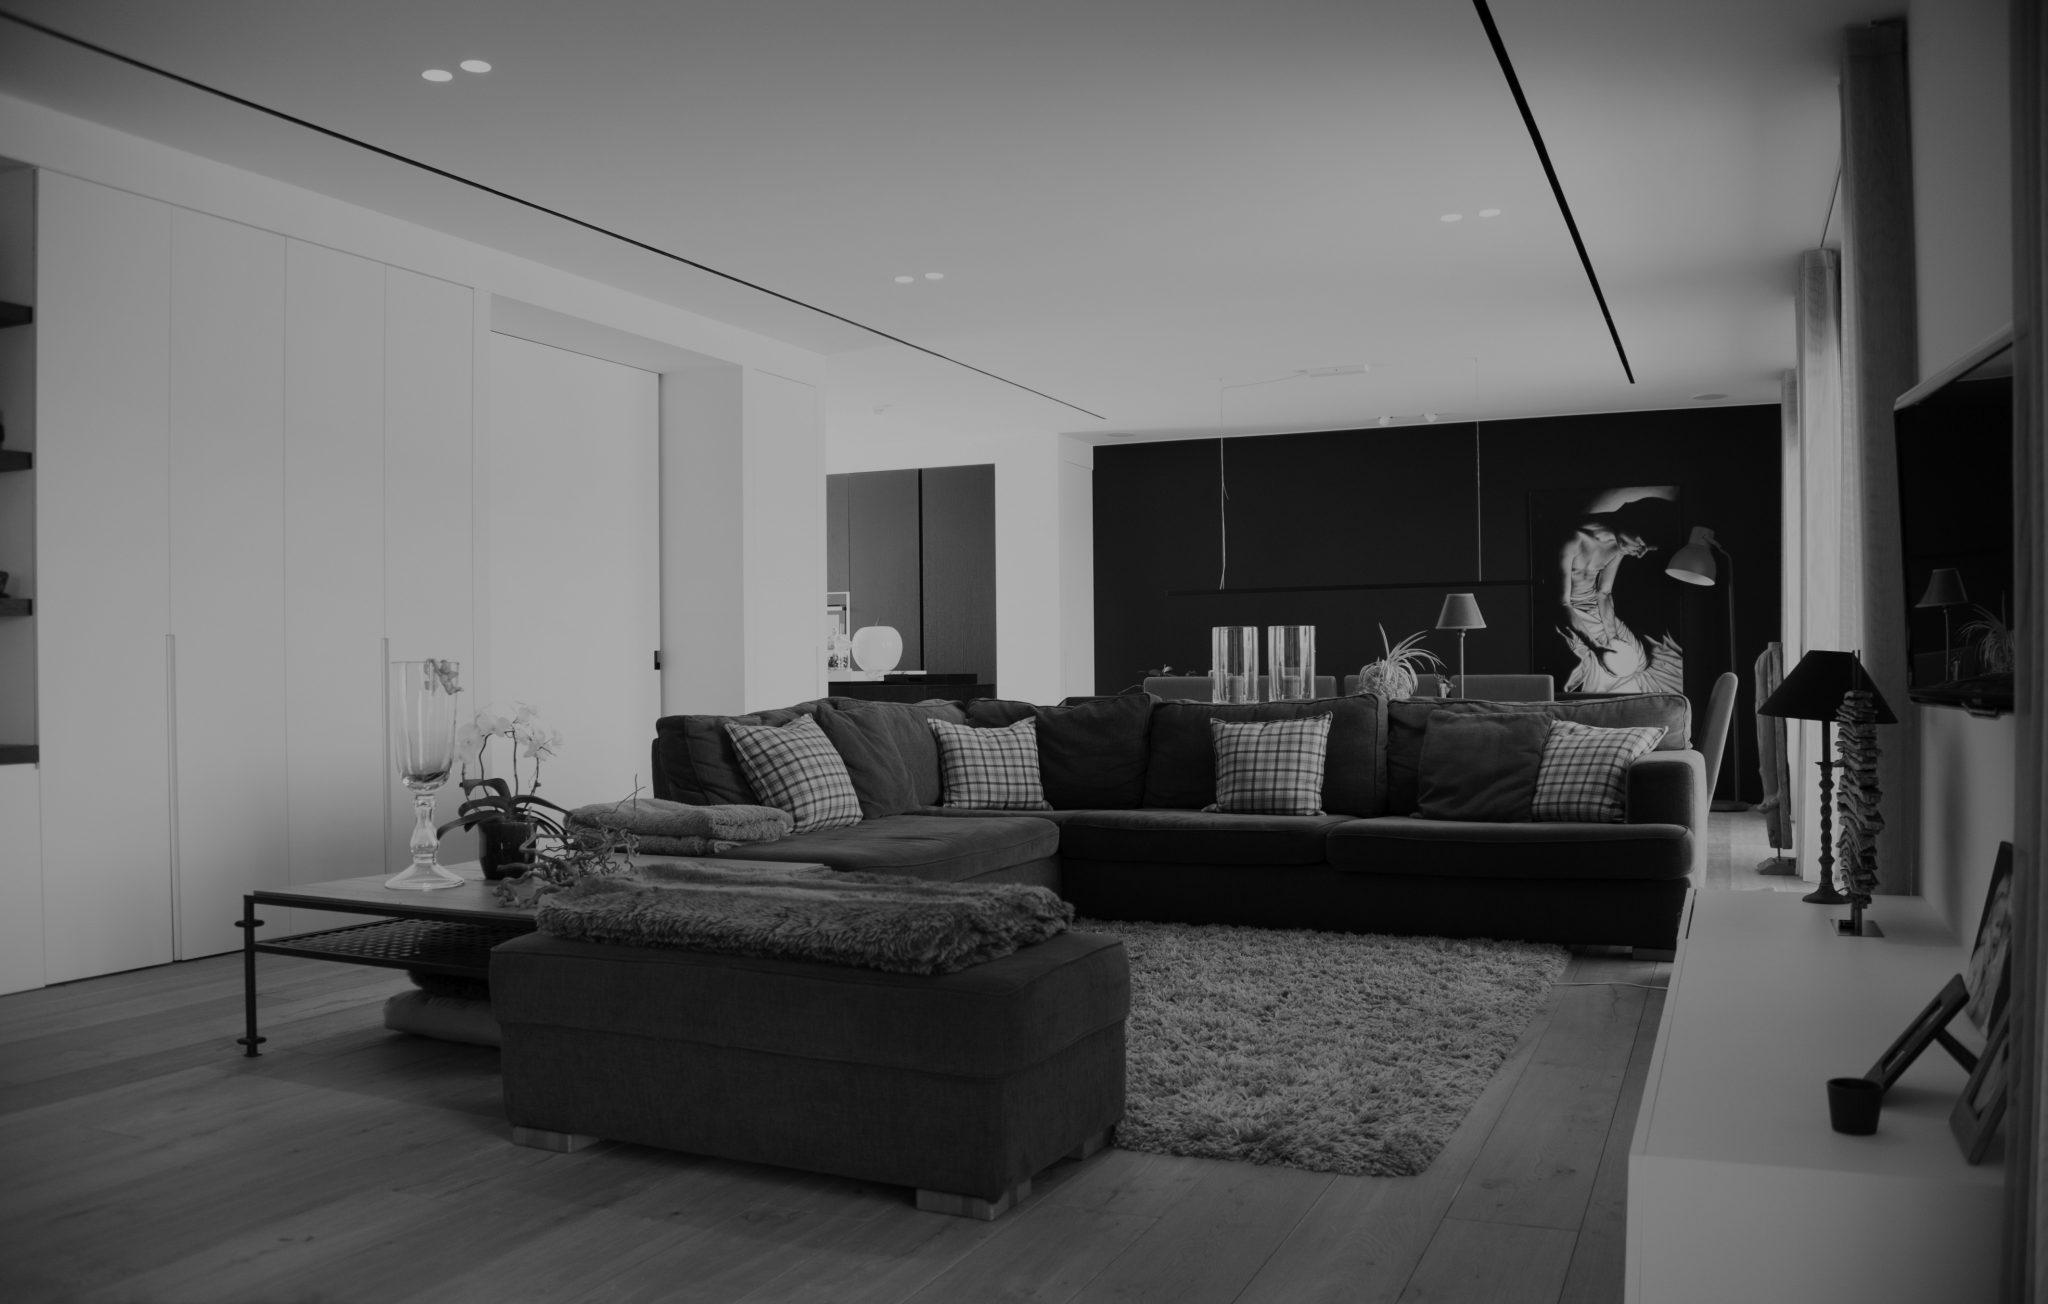 zwart wit foto van een leefruimte met sofa